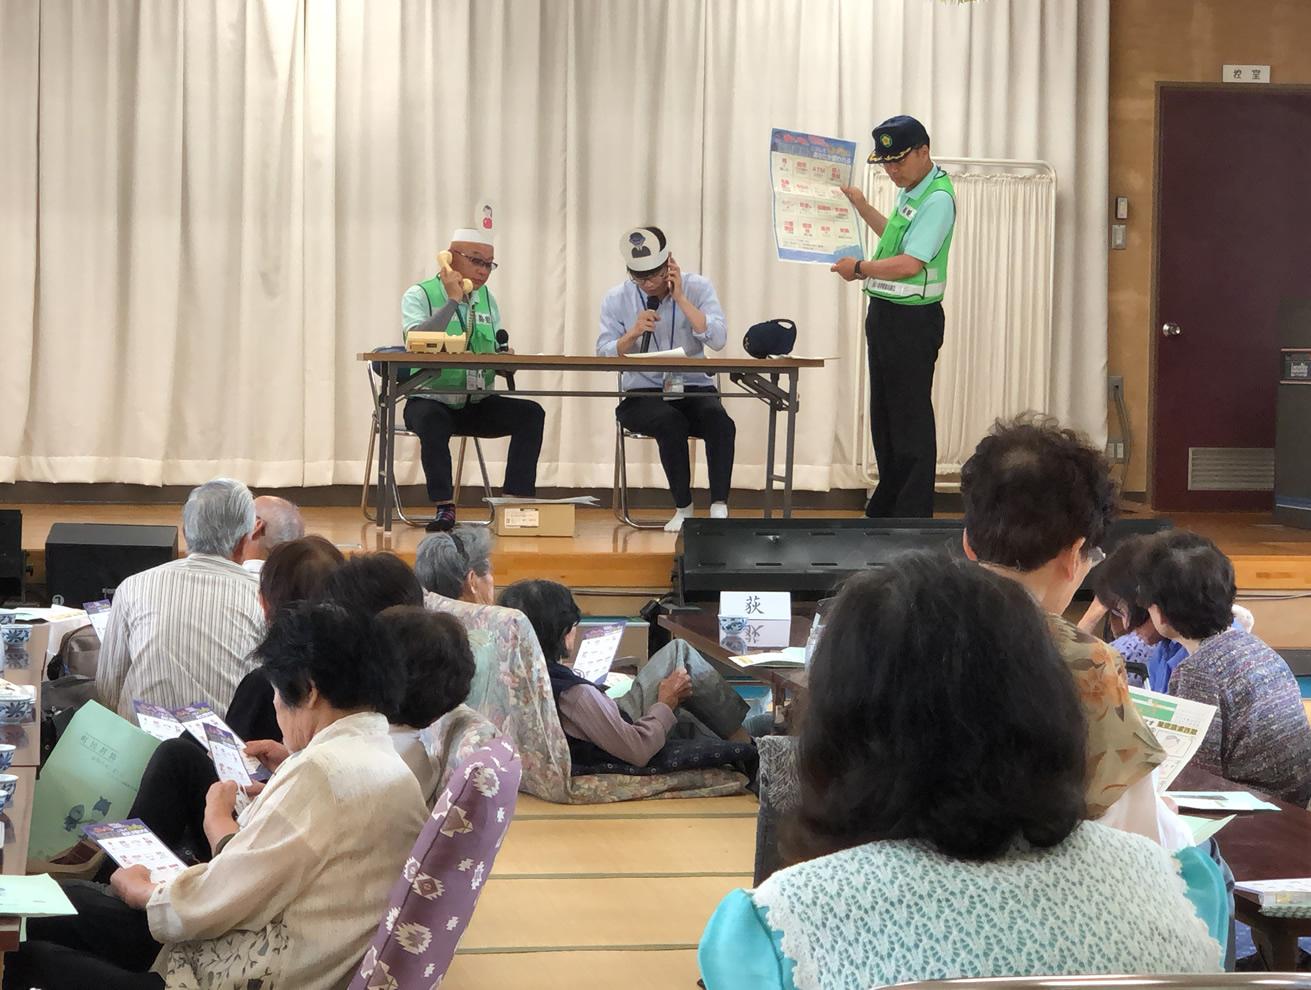 幸田町老人福祉センターにて、約50名のおじいちゃんとおばあちゃんに向けた「ニセの役所編 ビンゴガード大会」が幸田町防災安全課の方々による寸劇で開催されました。 #ビンゴガイド #BingoGuard #MoaiDesign #モアイデザイン